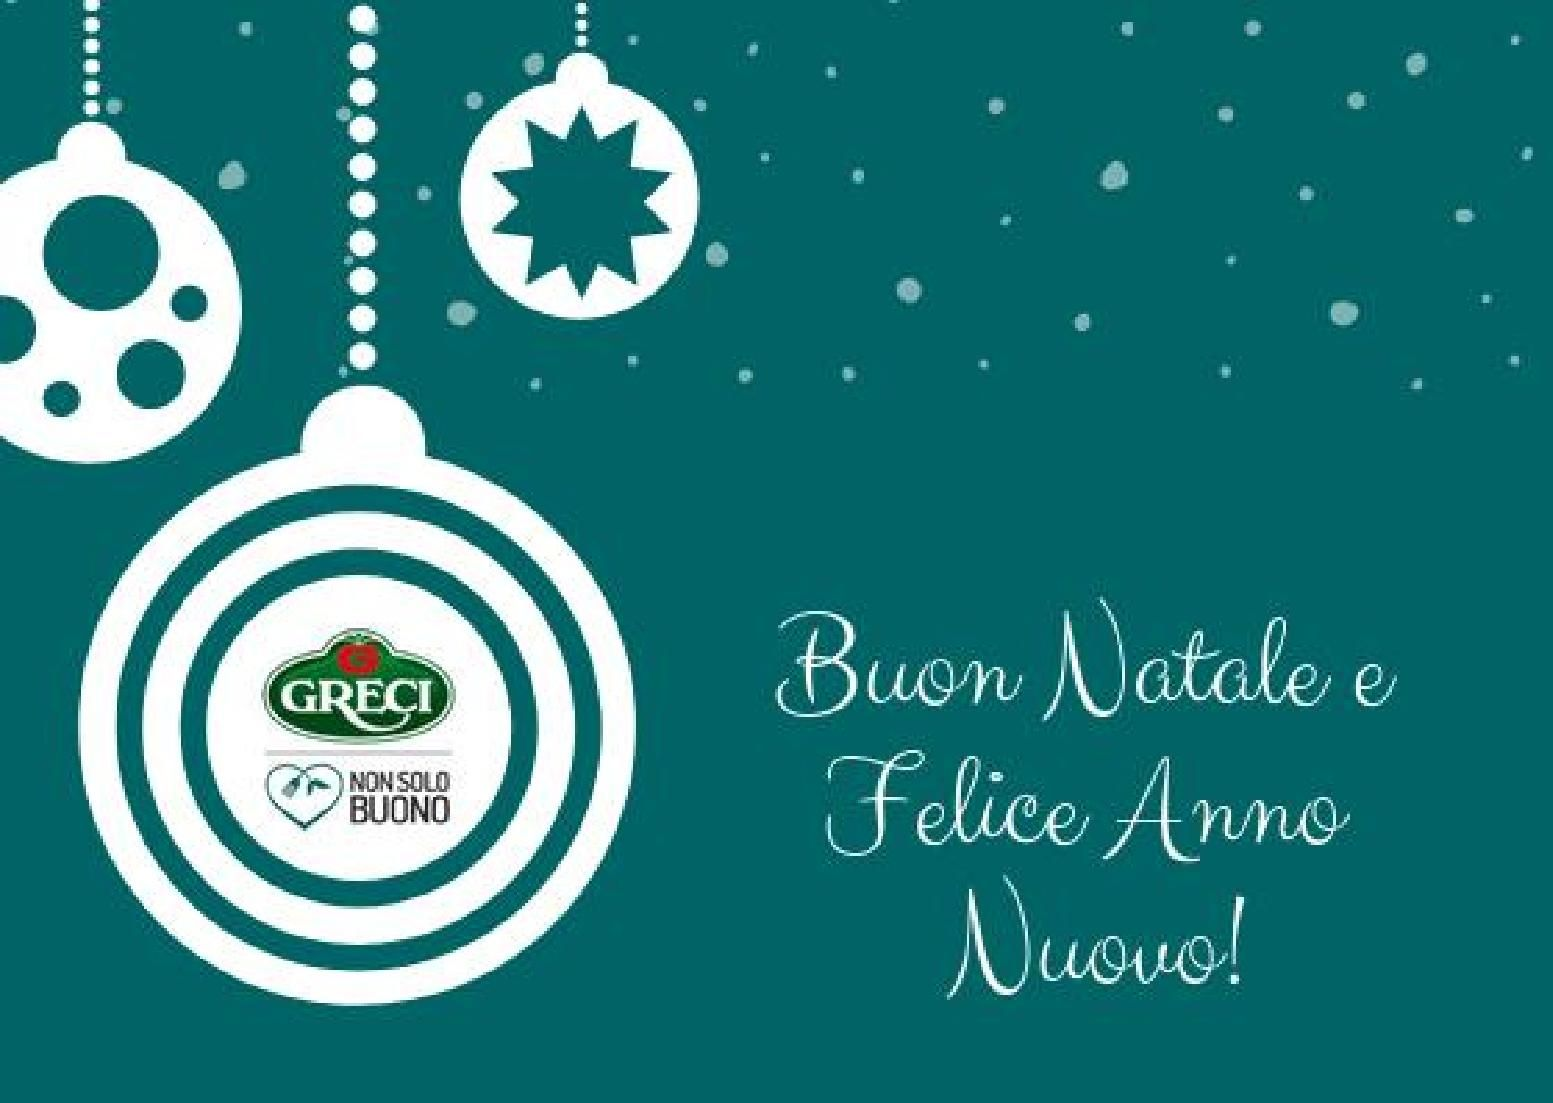 Buon Natale In Greco.Buon Natale E Felice Anno Nuovo 1 Converted Greci Industria Alimentare S P A Flip Pdf Pubhtml5